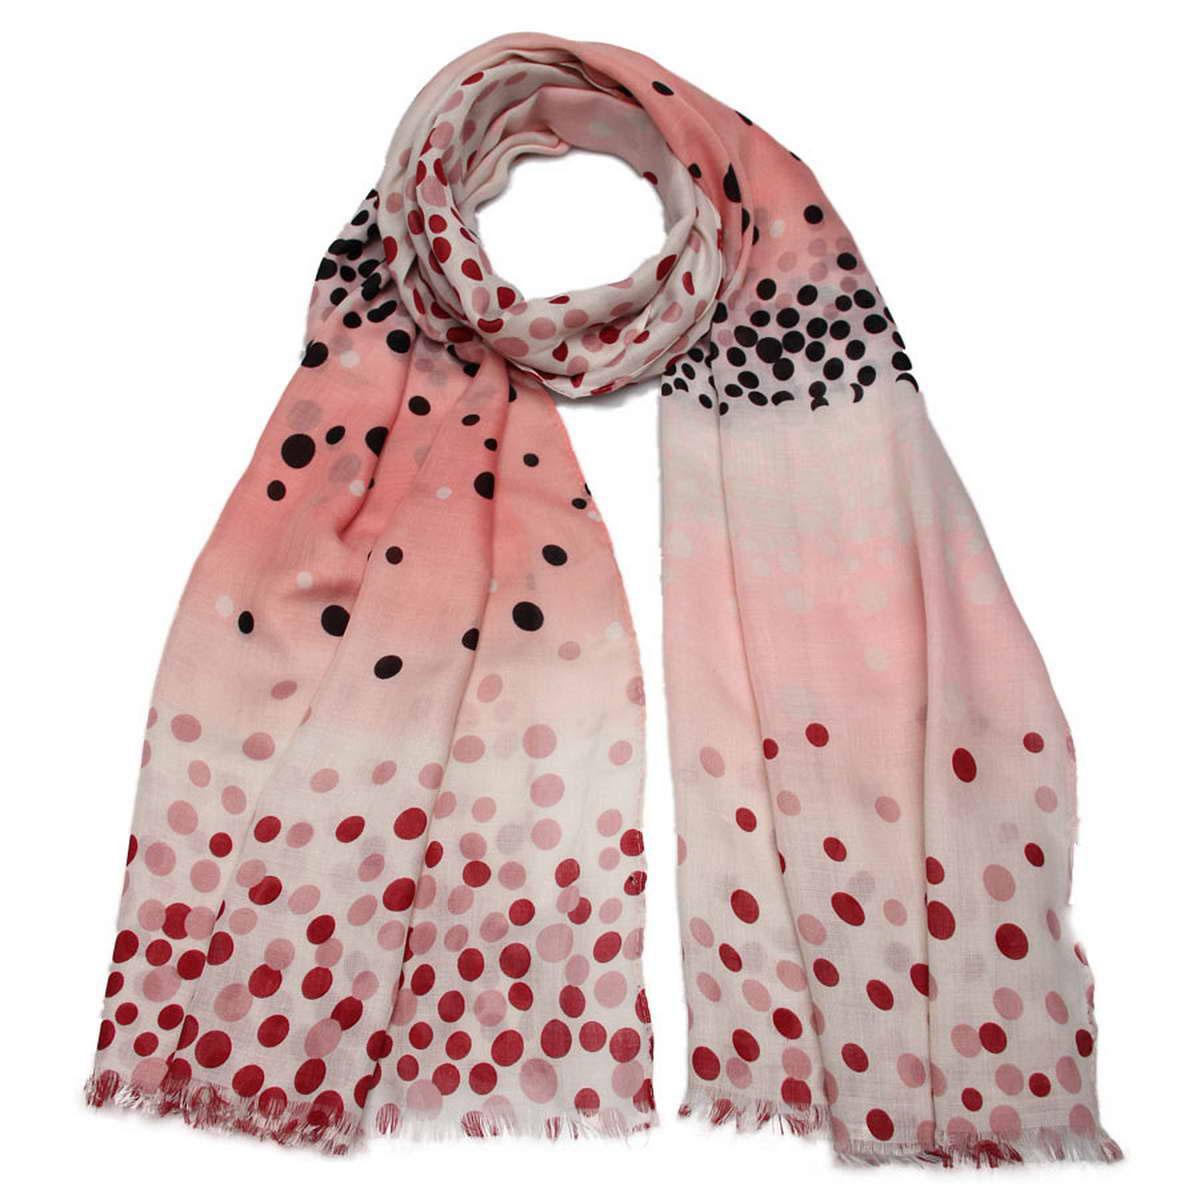 Палантин женский Venera, цвет: светло-розовый, черный, бордовый. 3415001-05. Размер 90 см х 180 см3415001-05Элегантный женский палантин Venera изготовлен из вискозы и оформлен оригинальным принтом. Палантин имеет отличное качество и приятную текстуру материала, он подарит настоящий комфорт при носке, а большие размеры позволят завязать изделие множеством вариантов.Этот модный аксессуар женского гардероба гармонично дополнит образ современной женщины, следящей за своим имиджем и стремящейся всегда оставаться стильной. В этом палантине вы всегда будете выглядеть женственной и привлекательной.